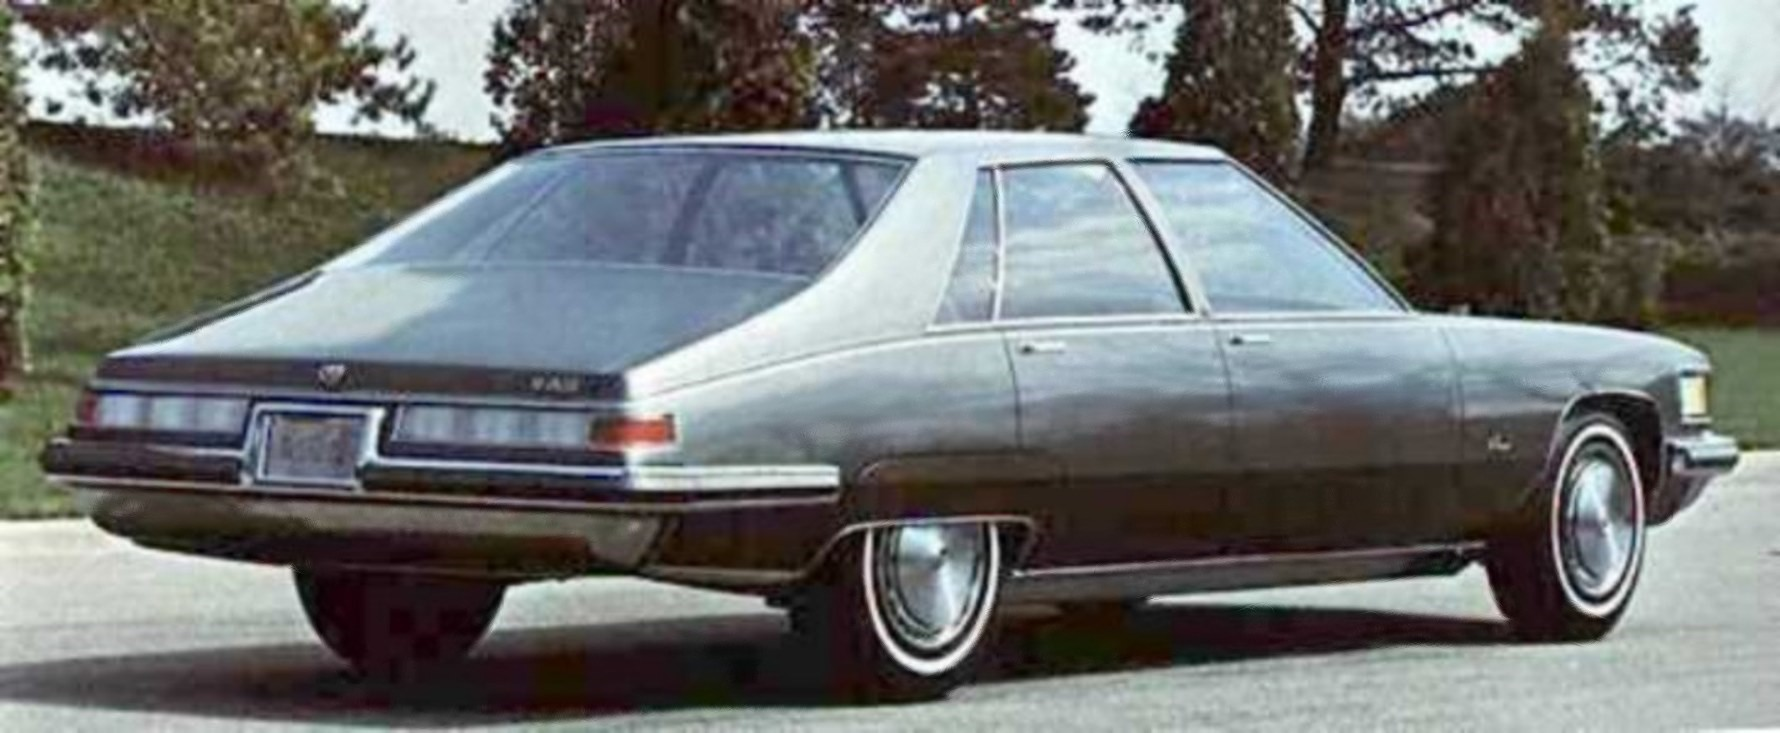 Cadillac Lasalle Amp Lascala Design Studies